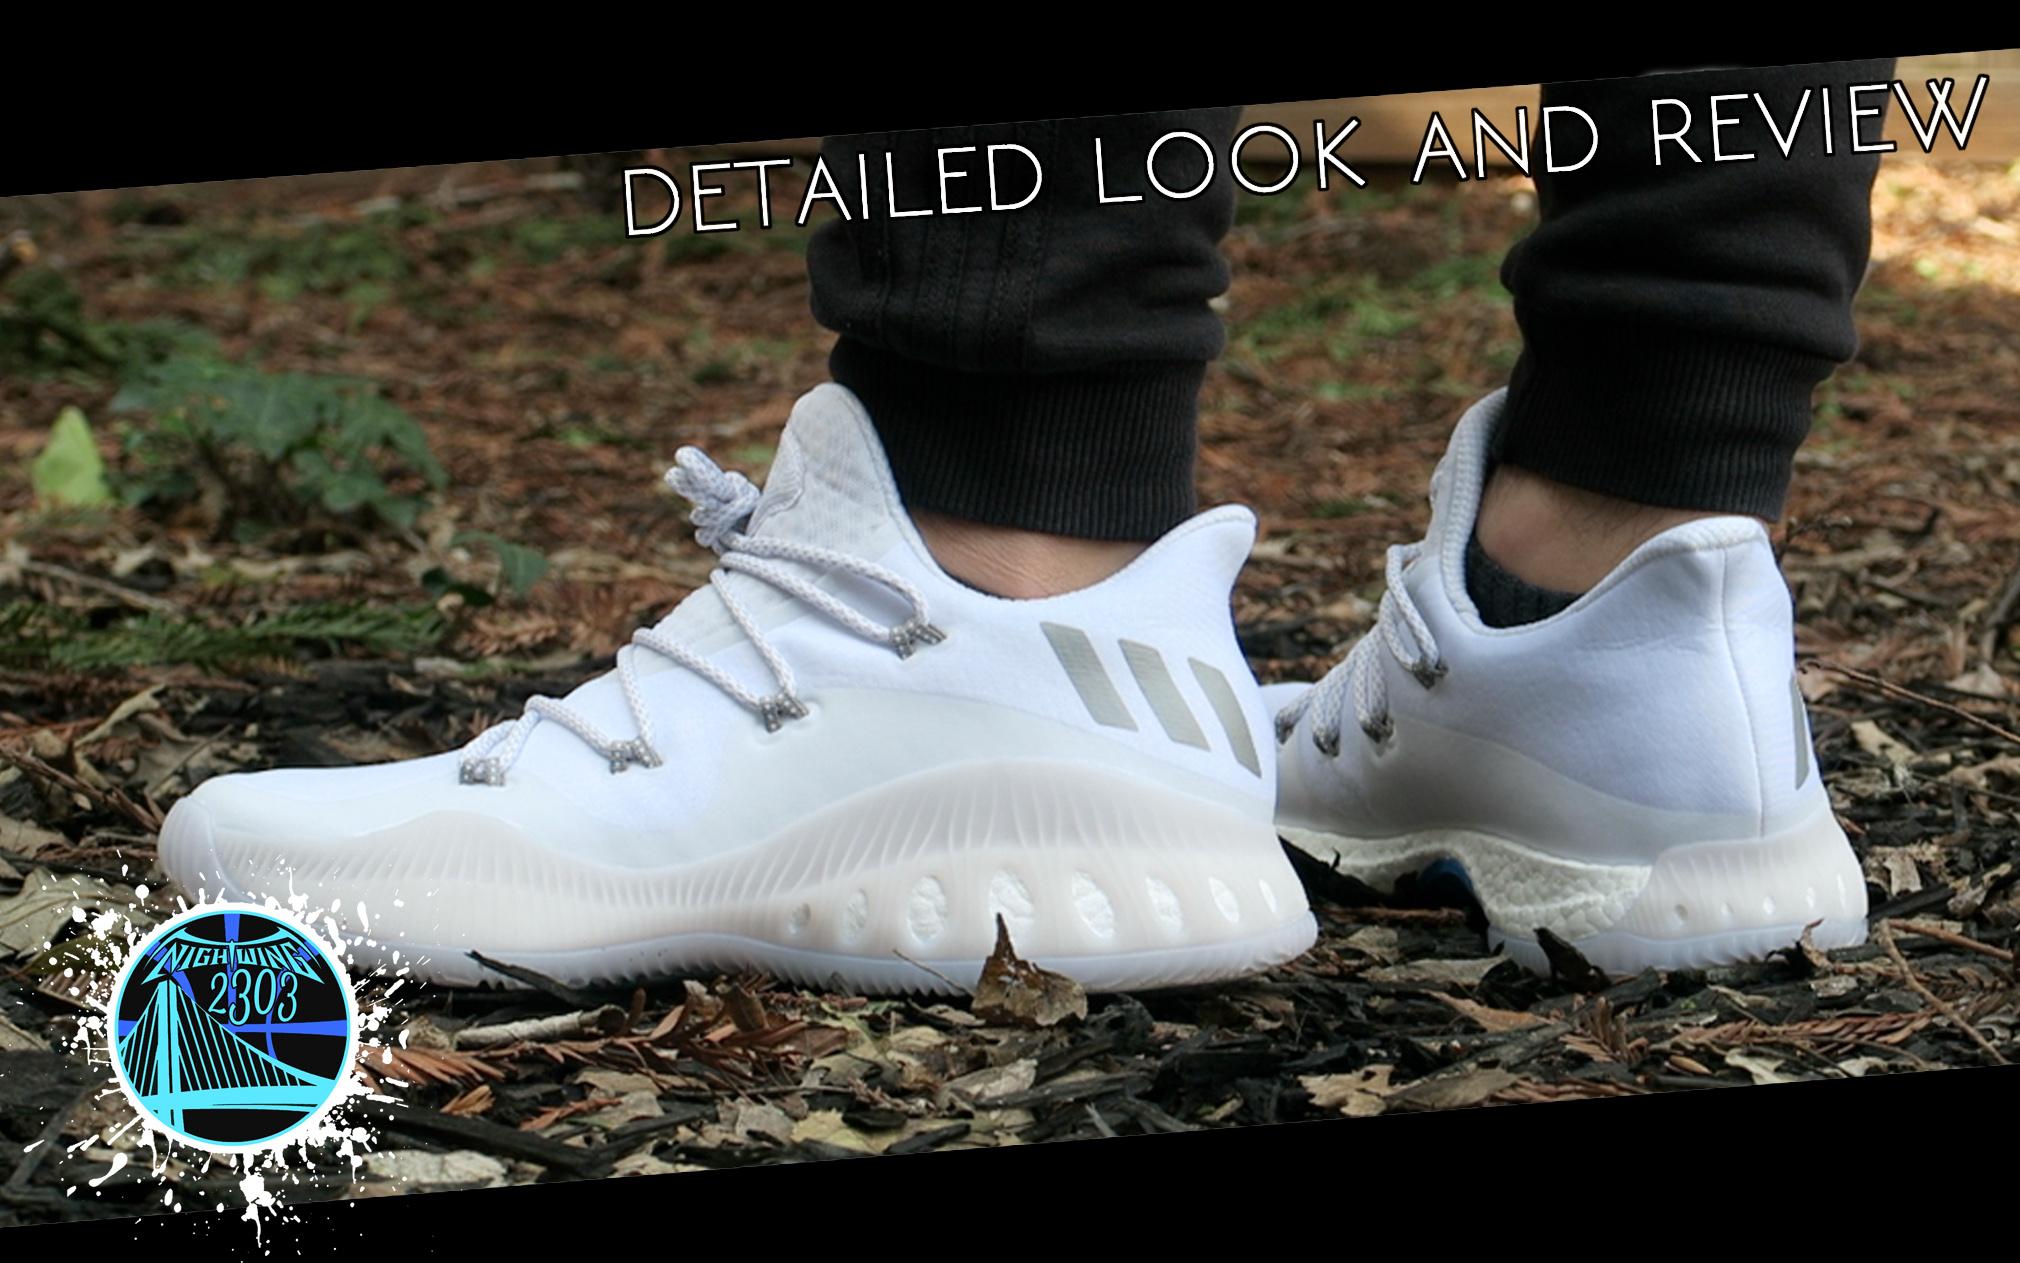 adidas pazzo esplosivo basso primeknit triplo scarpe bianche rilasciato